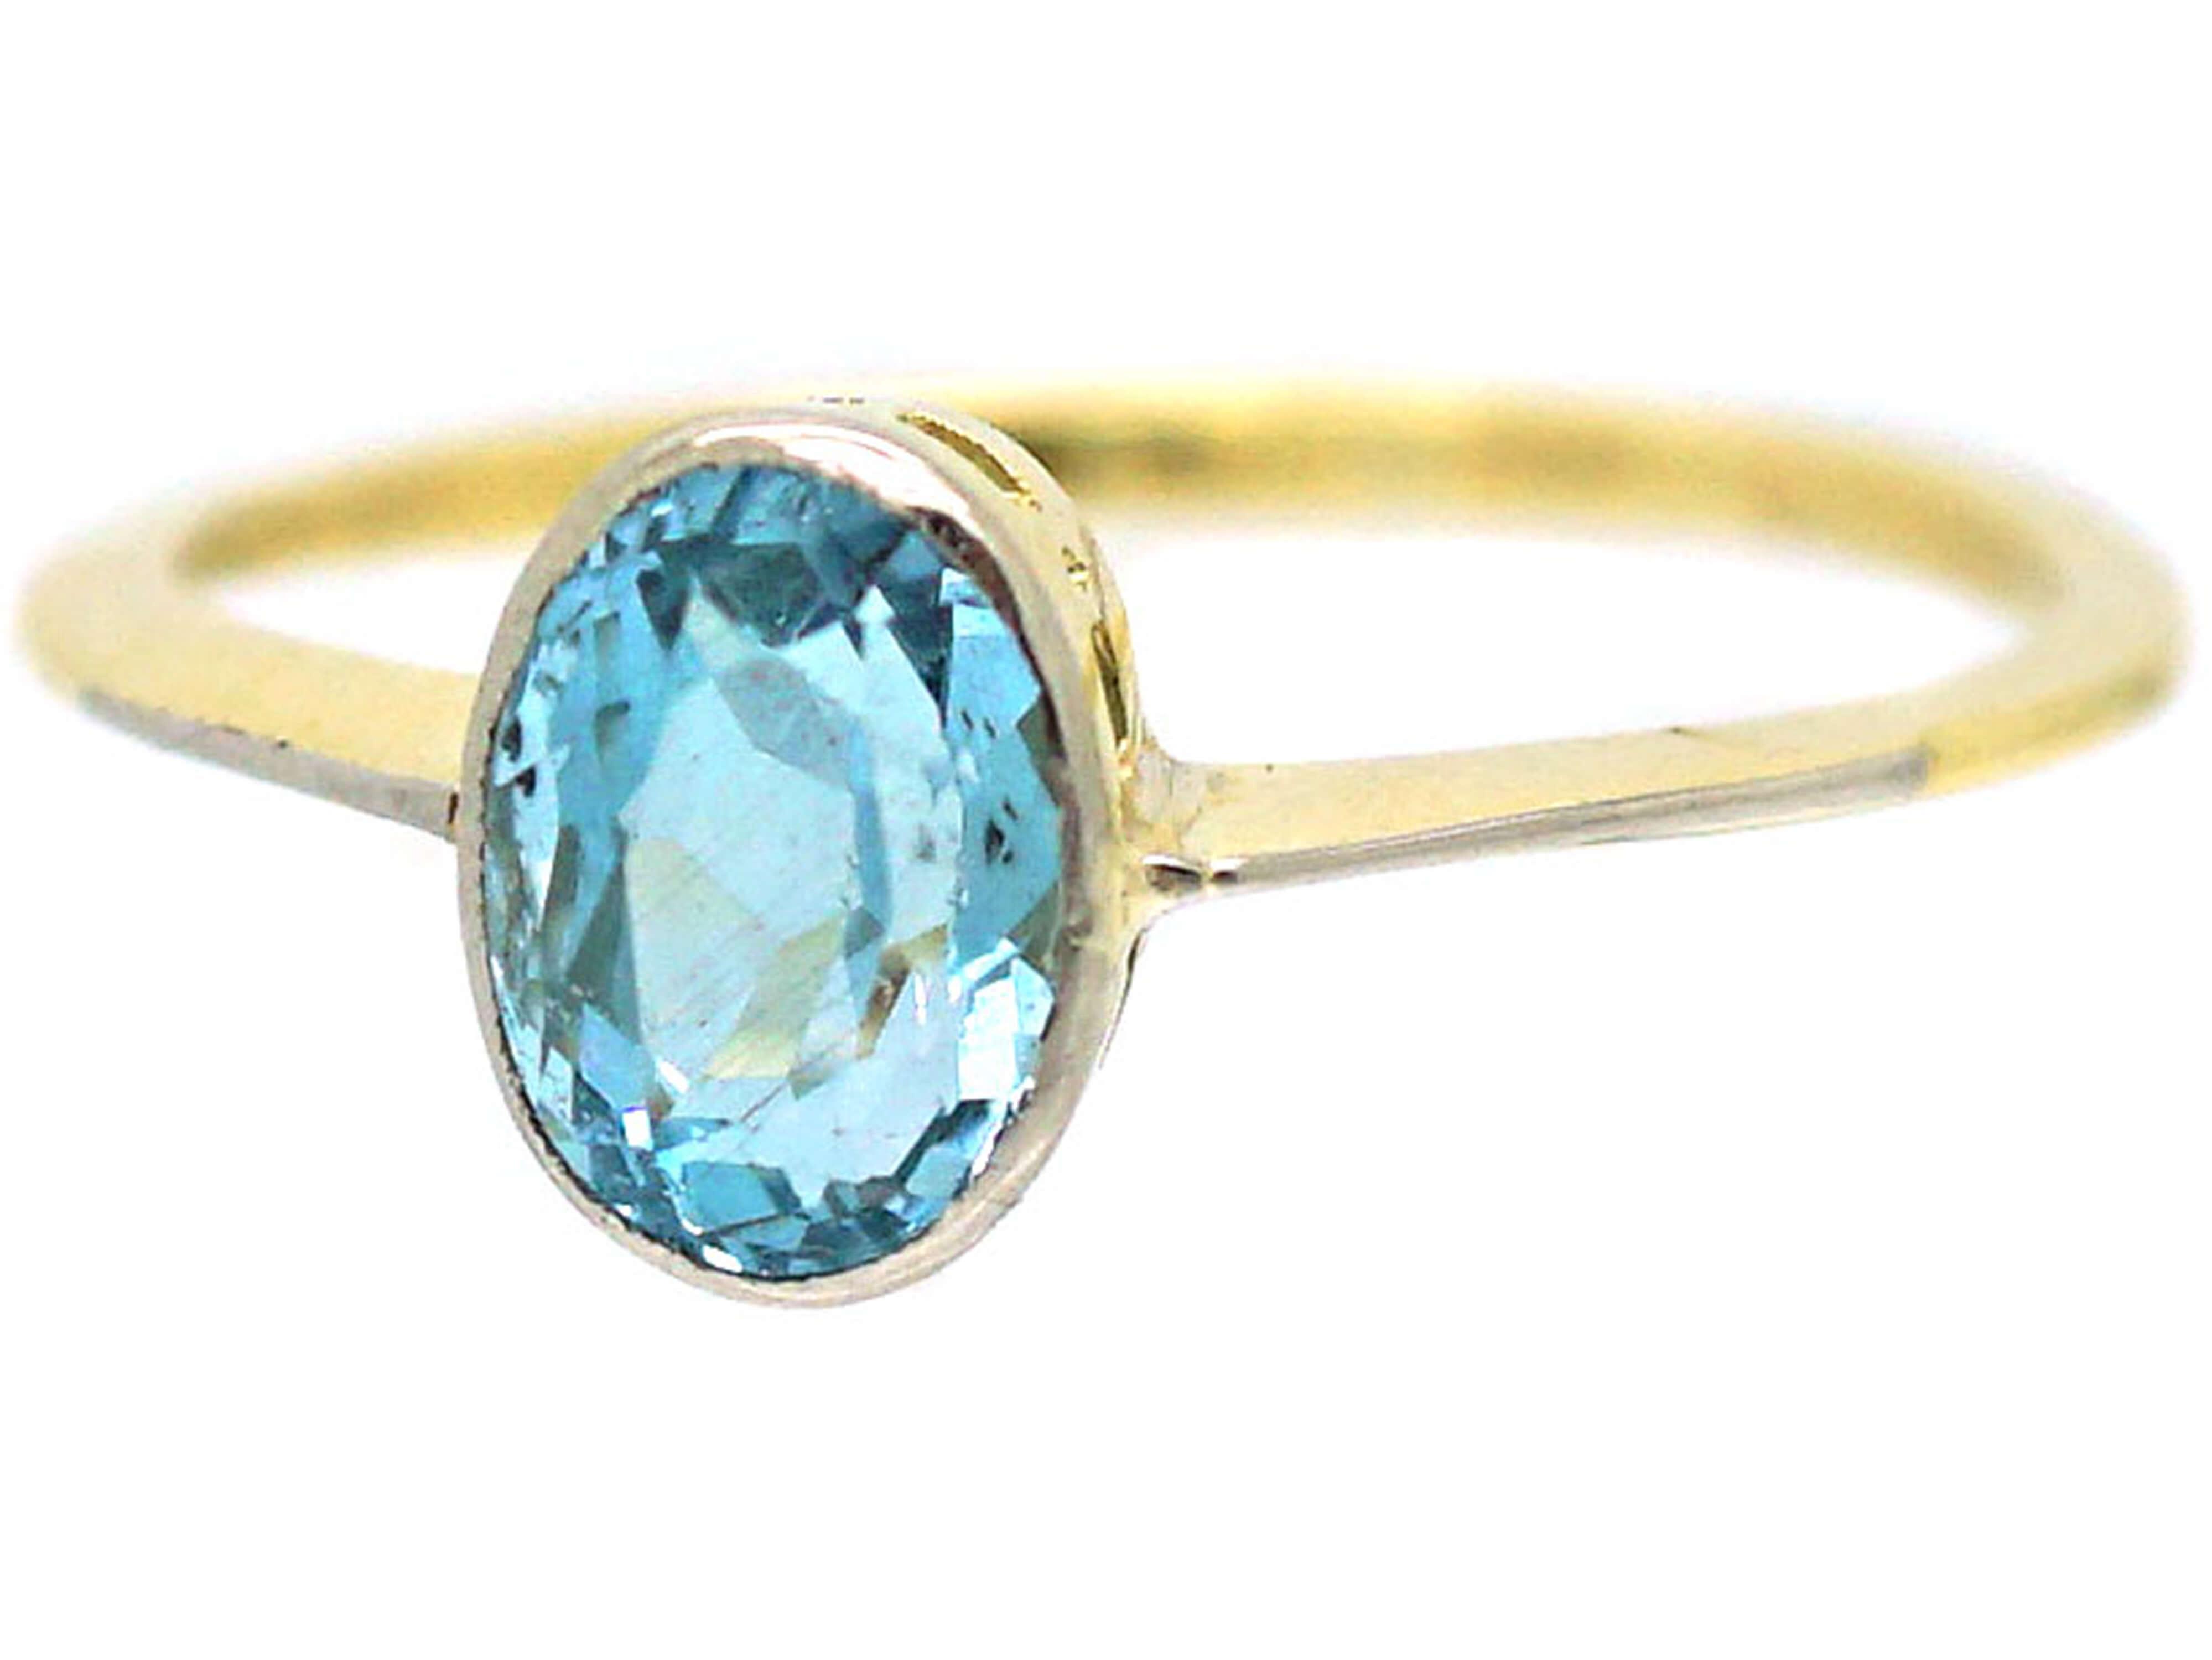 Art Deco 18ct Gold & Platinum, Aquamarine Ring